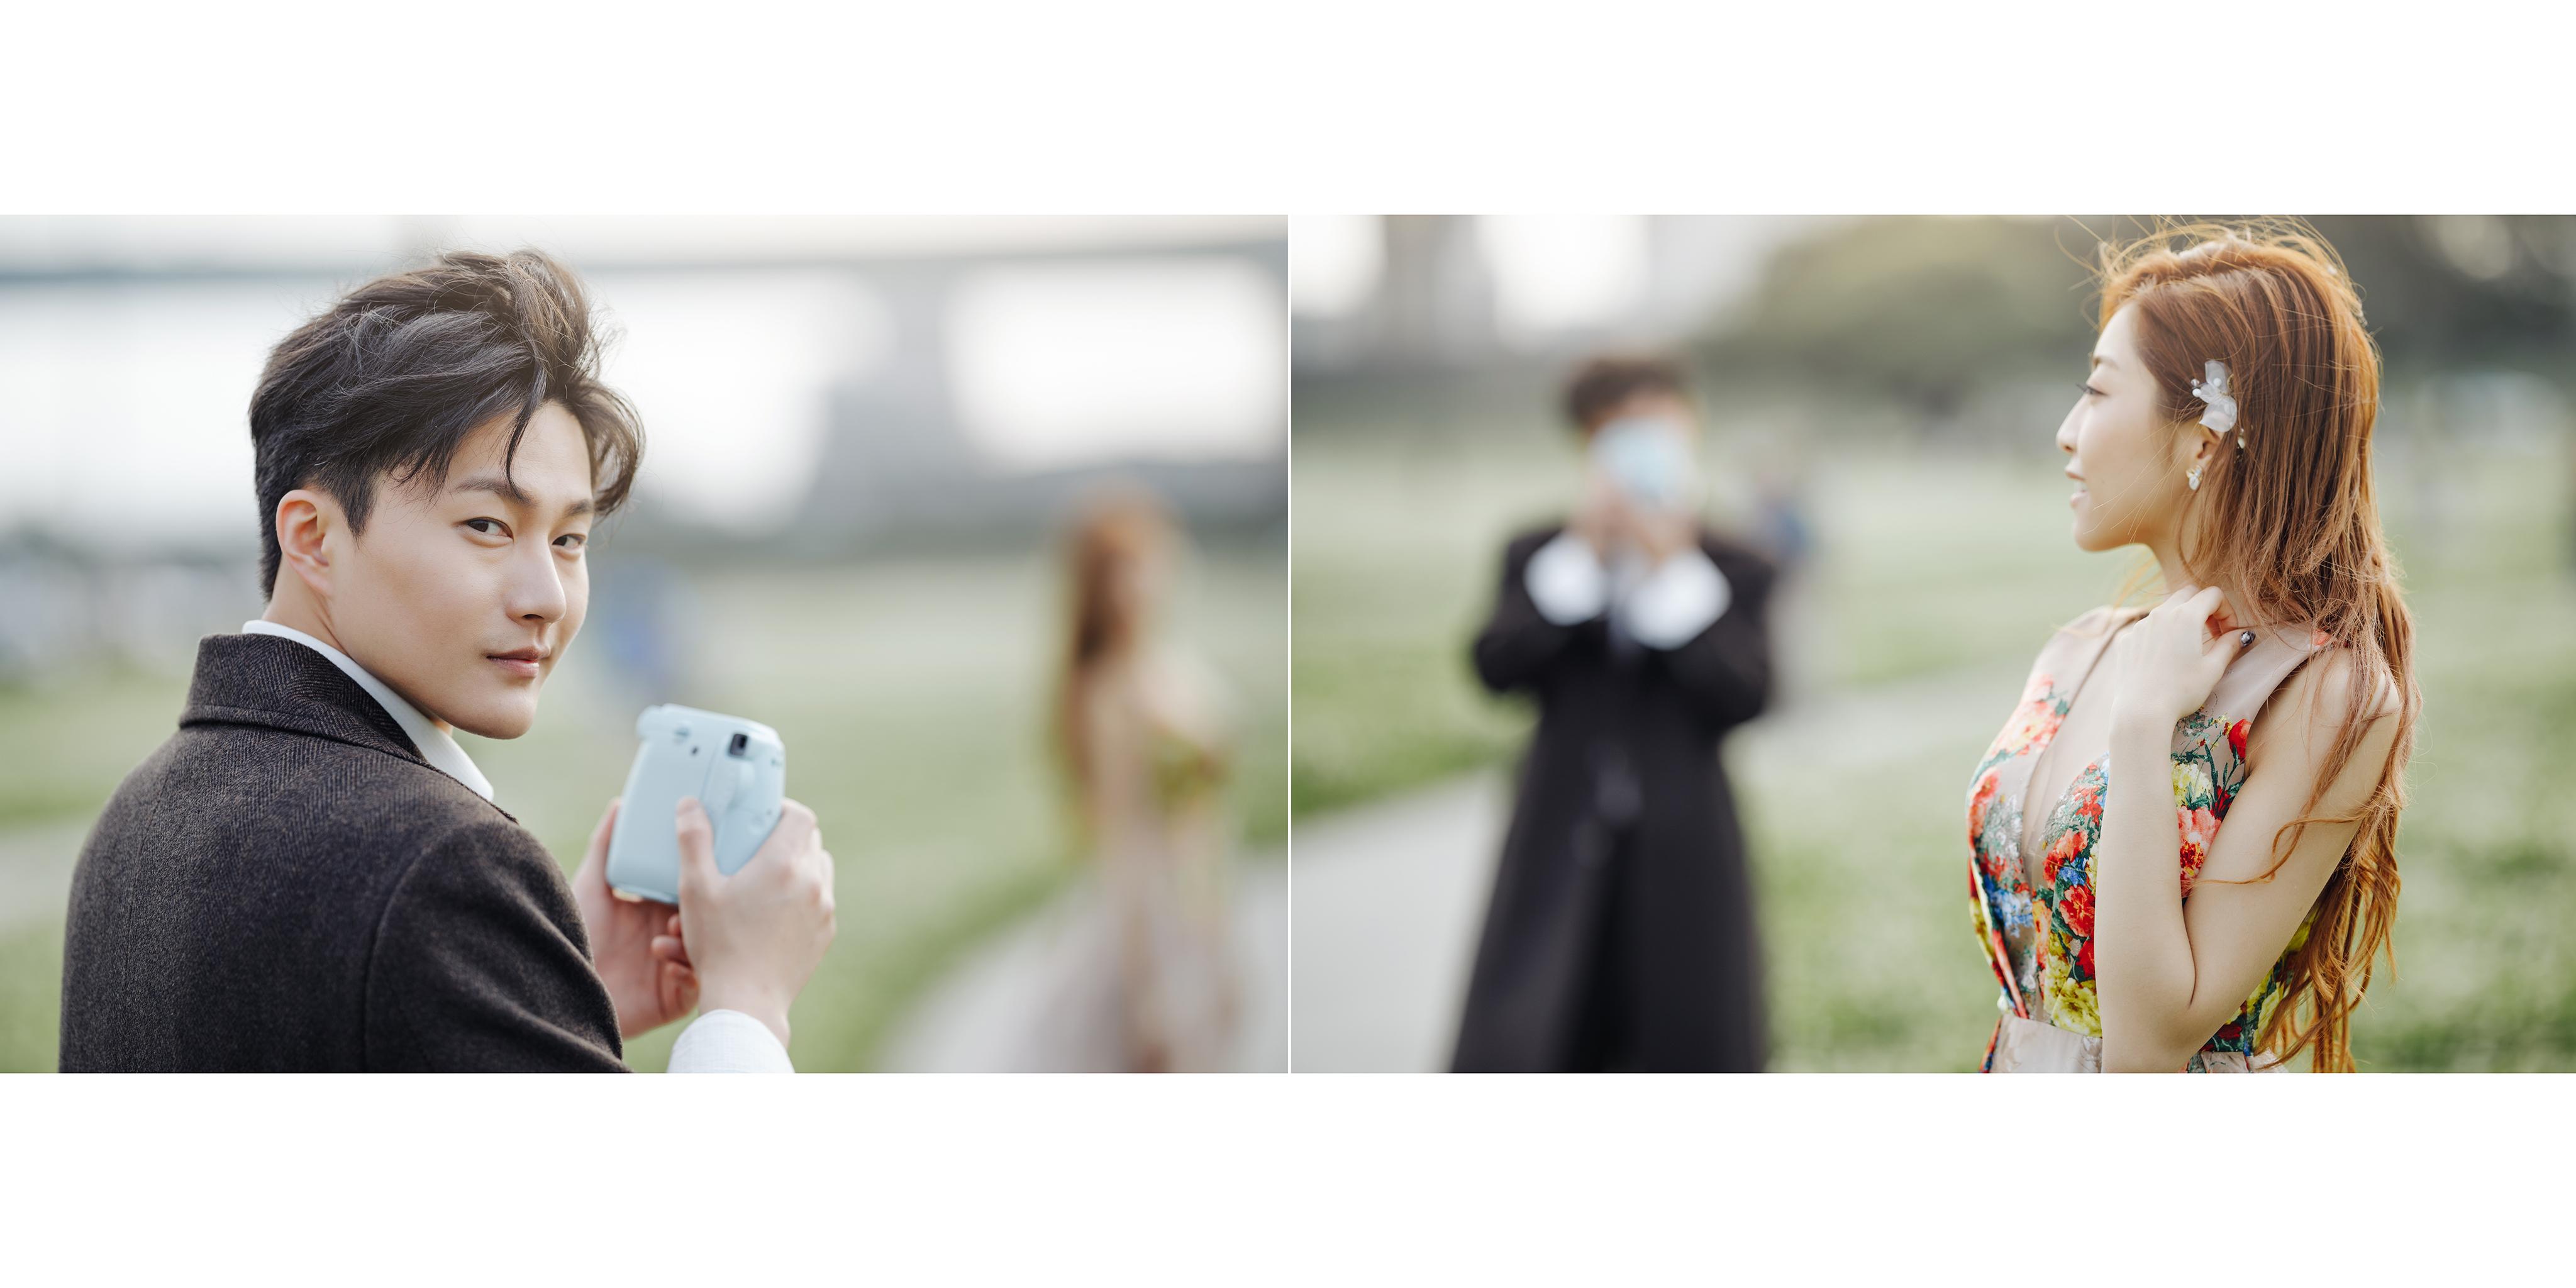 32881525797 bf8722a49f o - 【自主婚紗】+漢英&佳玲+